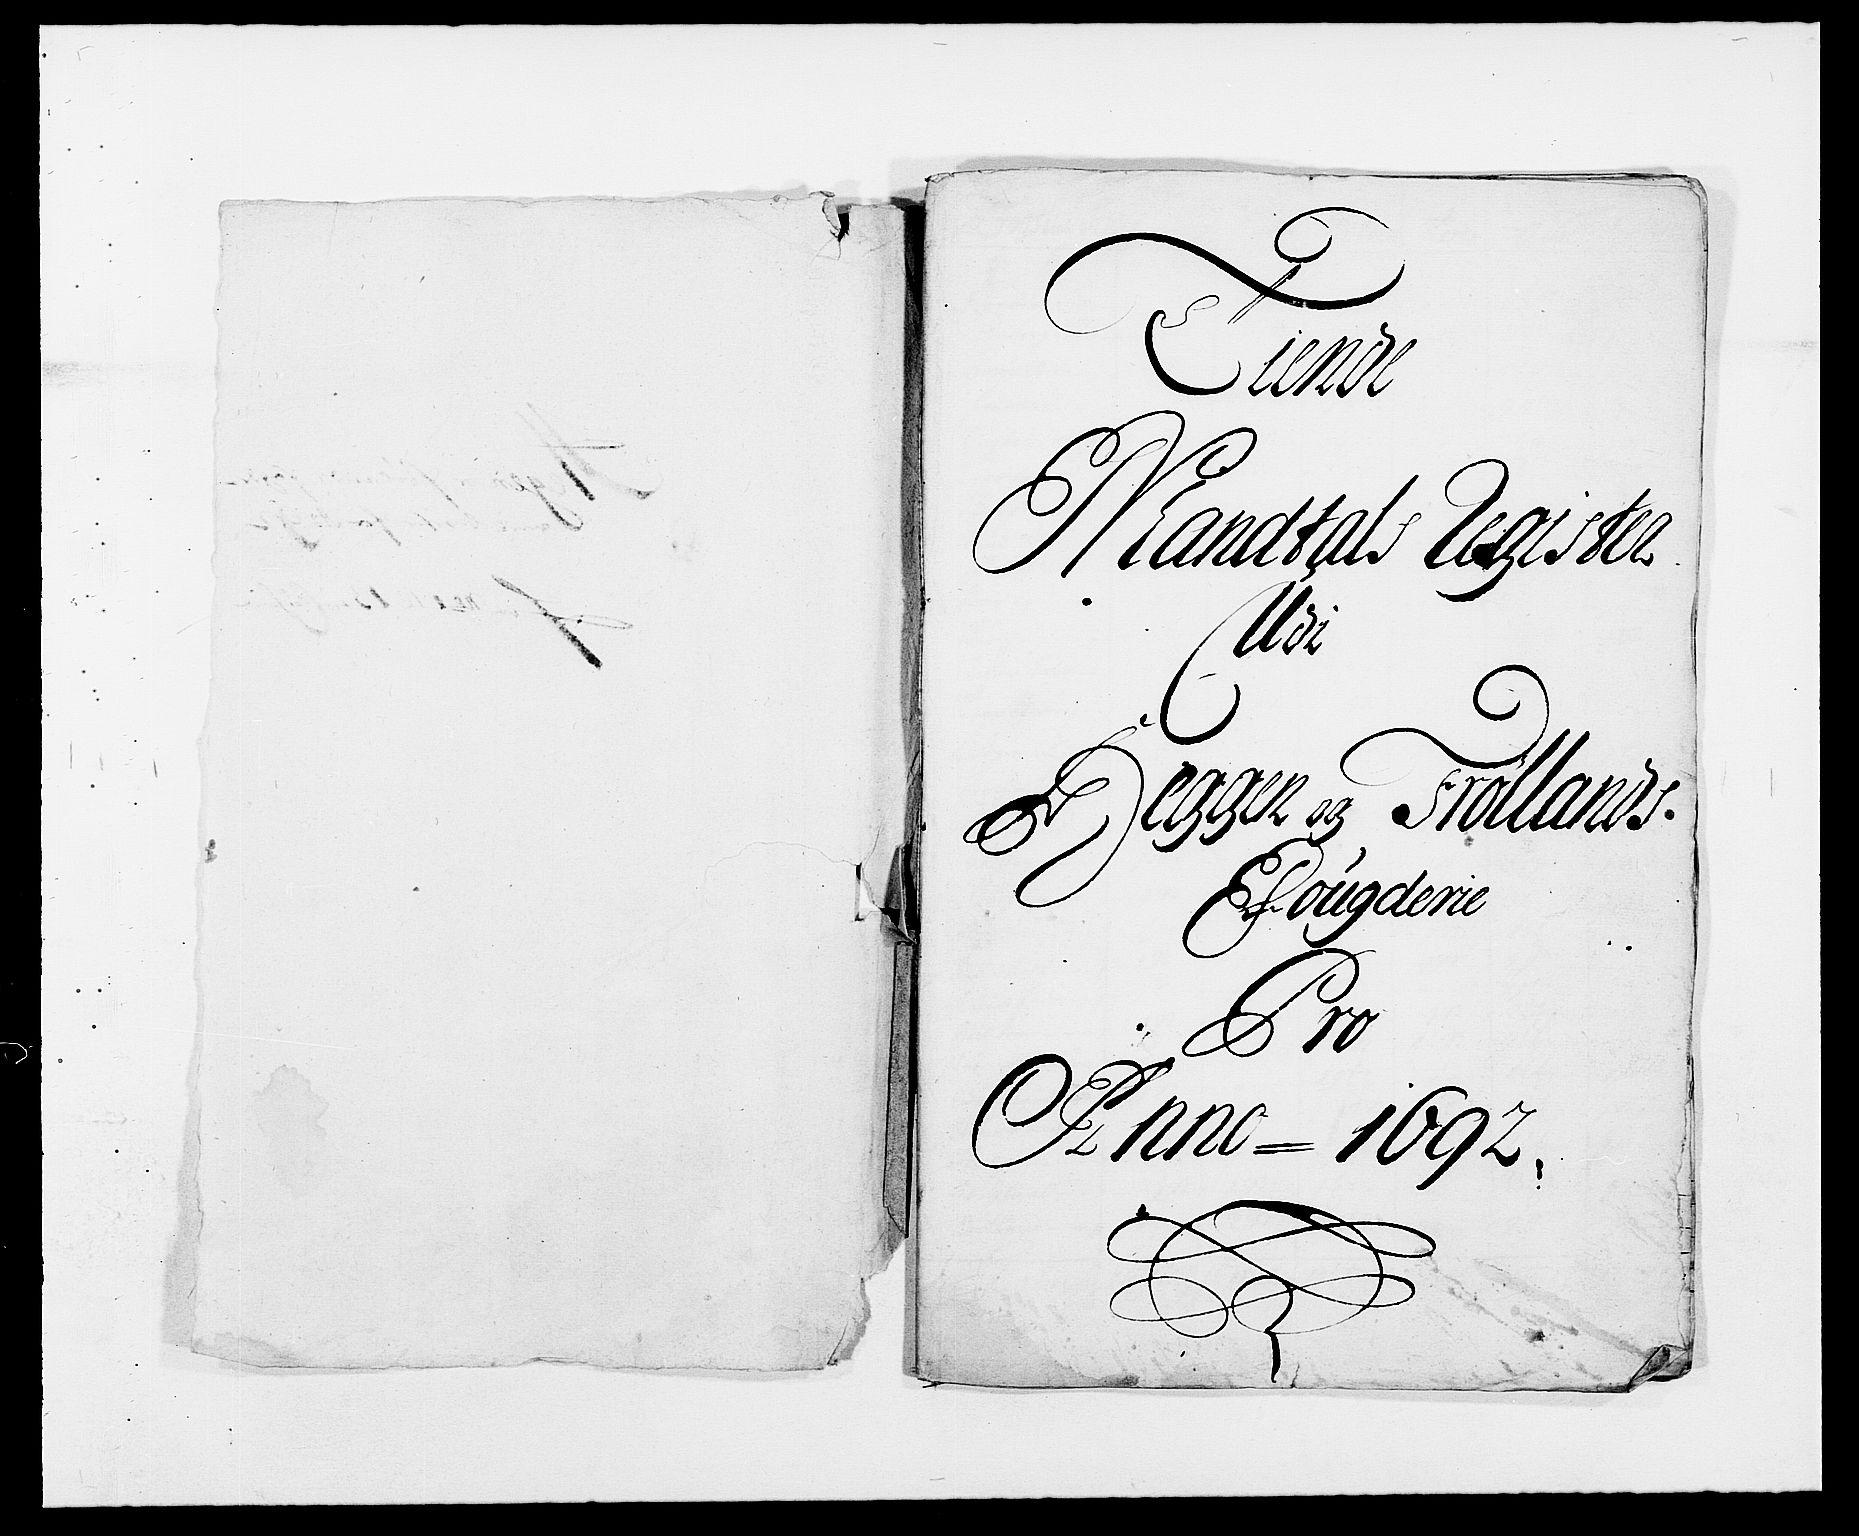 RA, Rentekammeret inntil 1814, Reviderte regnskaper, Fogderegnskap, R06/L0283: Fogderegnskap Heggen og Frøland, 1691-1693, s. 127